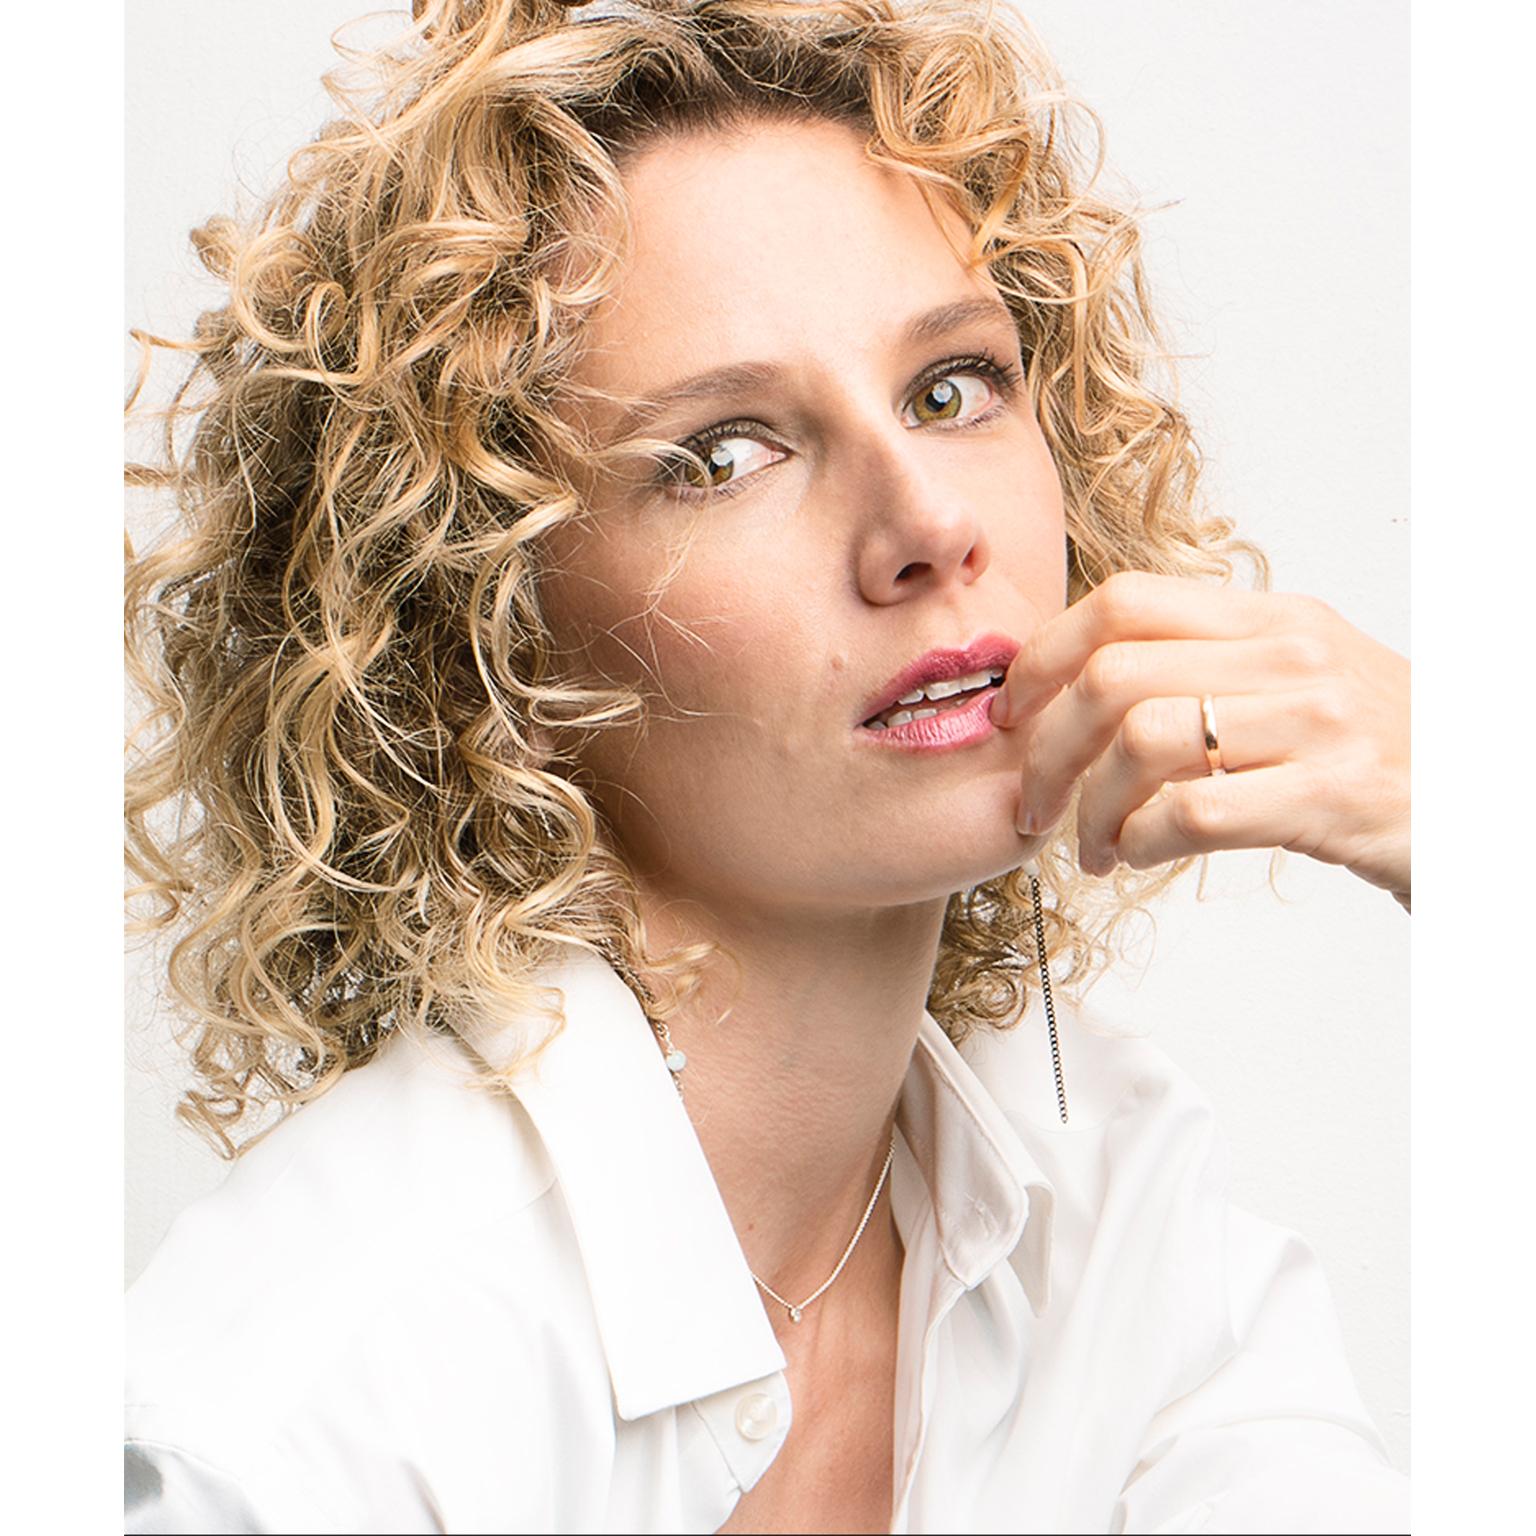 Toronto-Fitness-Model-Agency-Glamour-Portrait-Tiffany-Babiak